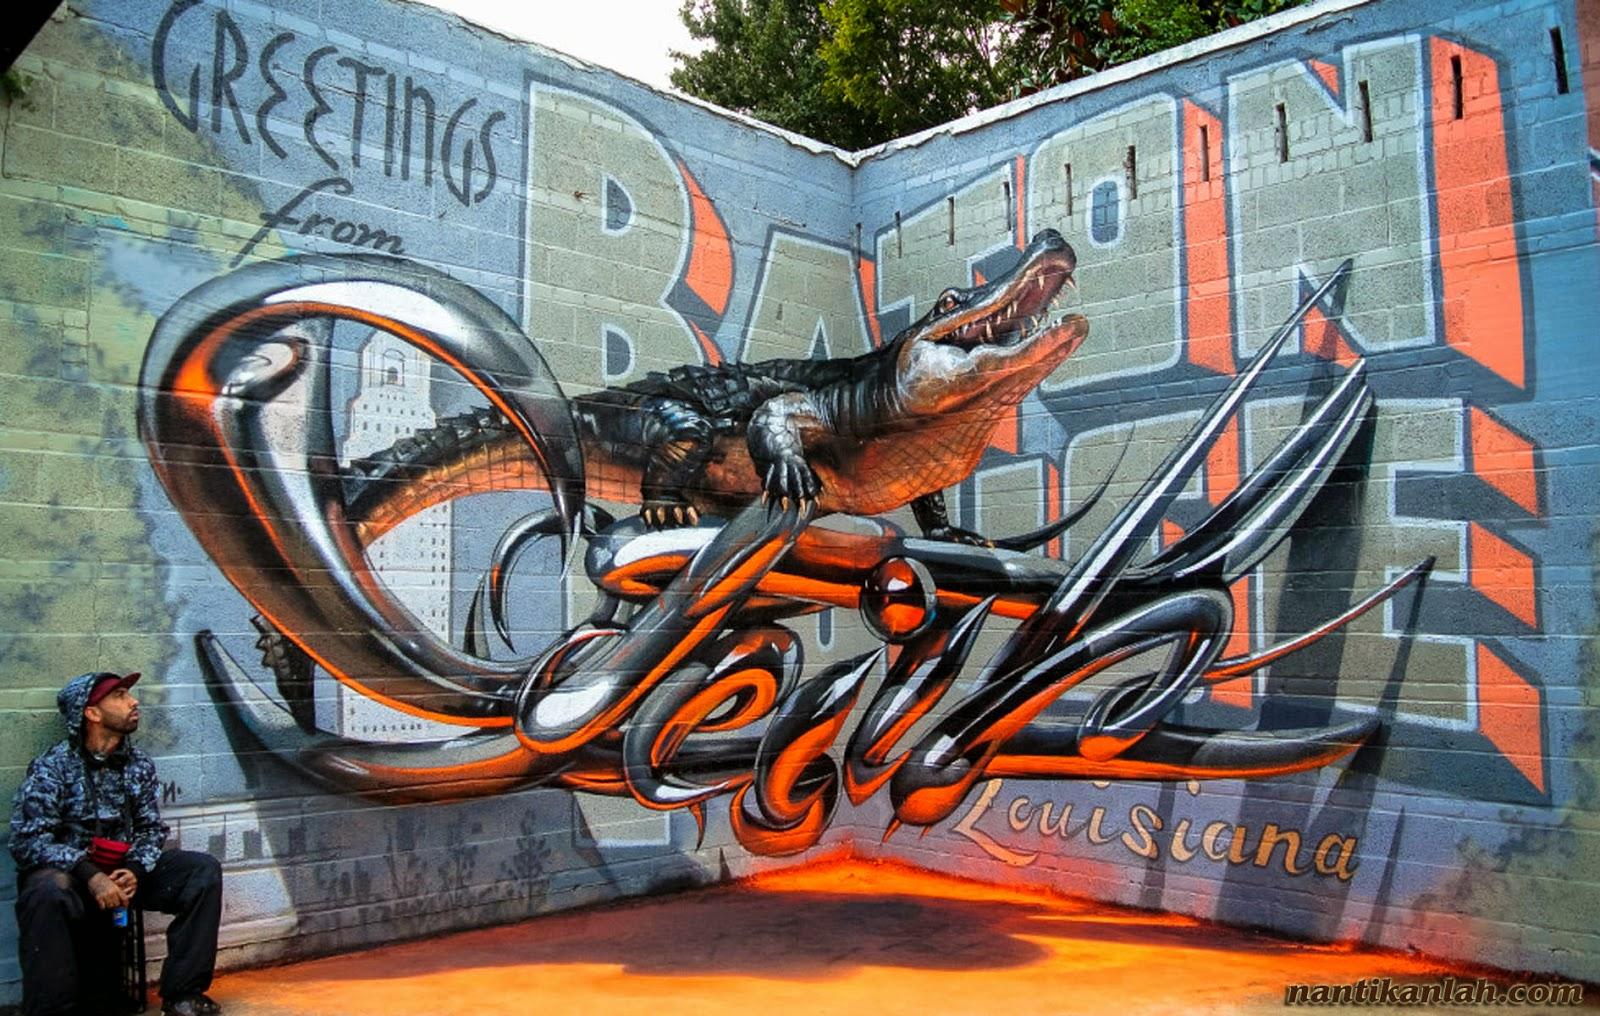 Kumpulan Gambar Grafiti dan Wallpaper Graffiti Keren